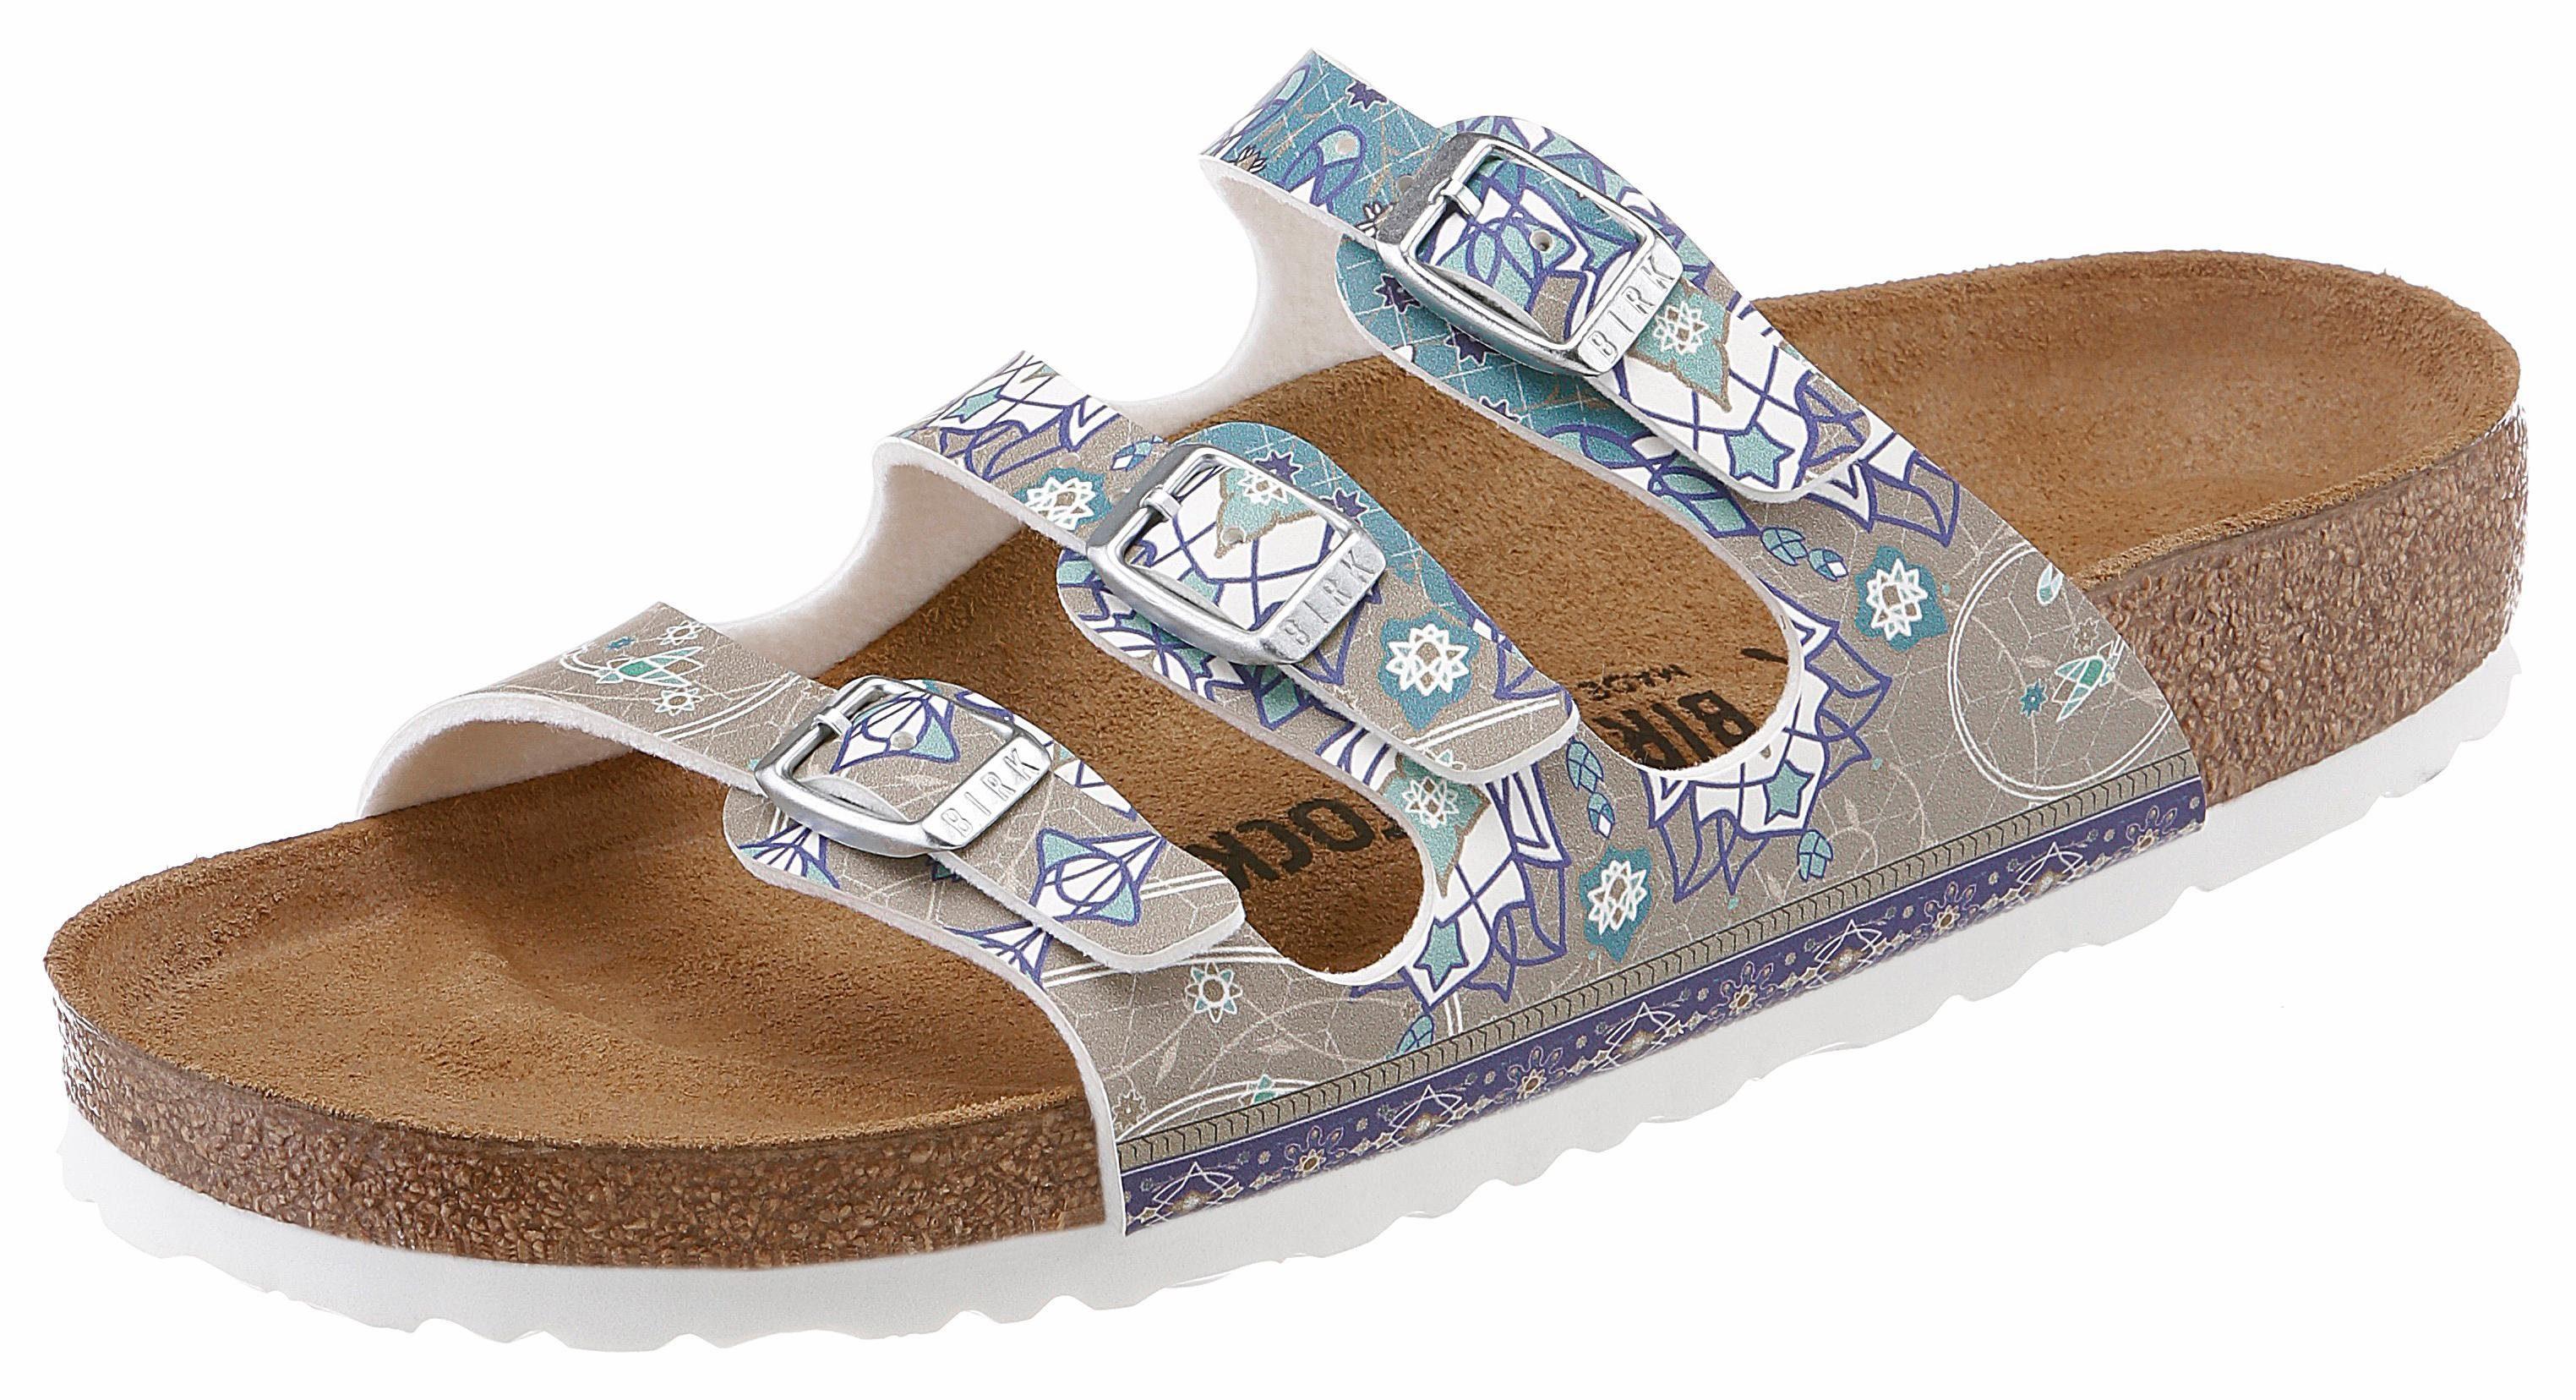 Birkenstock FLORIDA Pantolette, in schmaler Schuhweite, mit ergonomisch geformtem Fußbett online kaufen  taupe-bunt